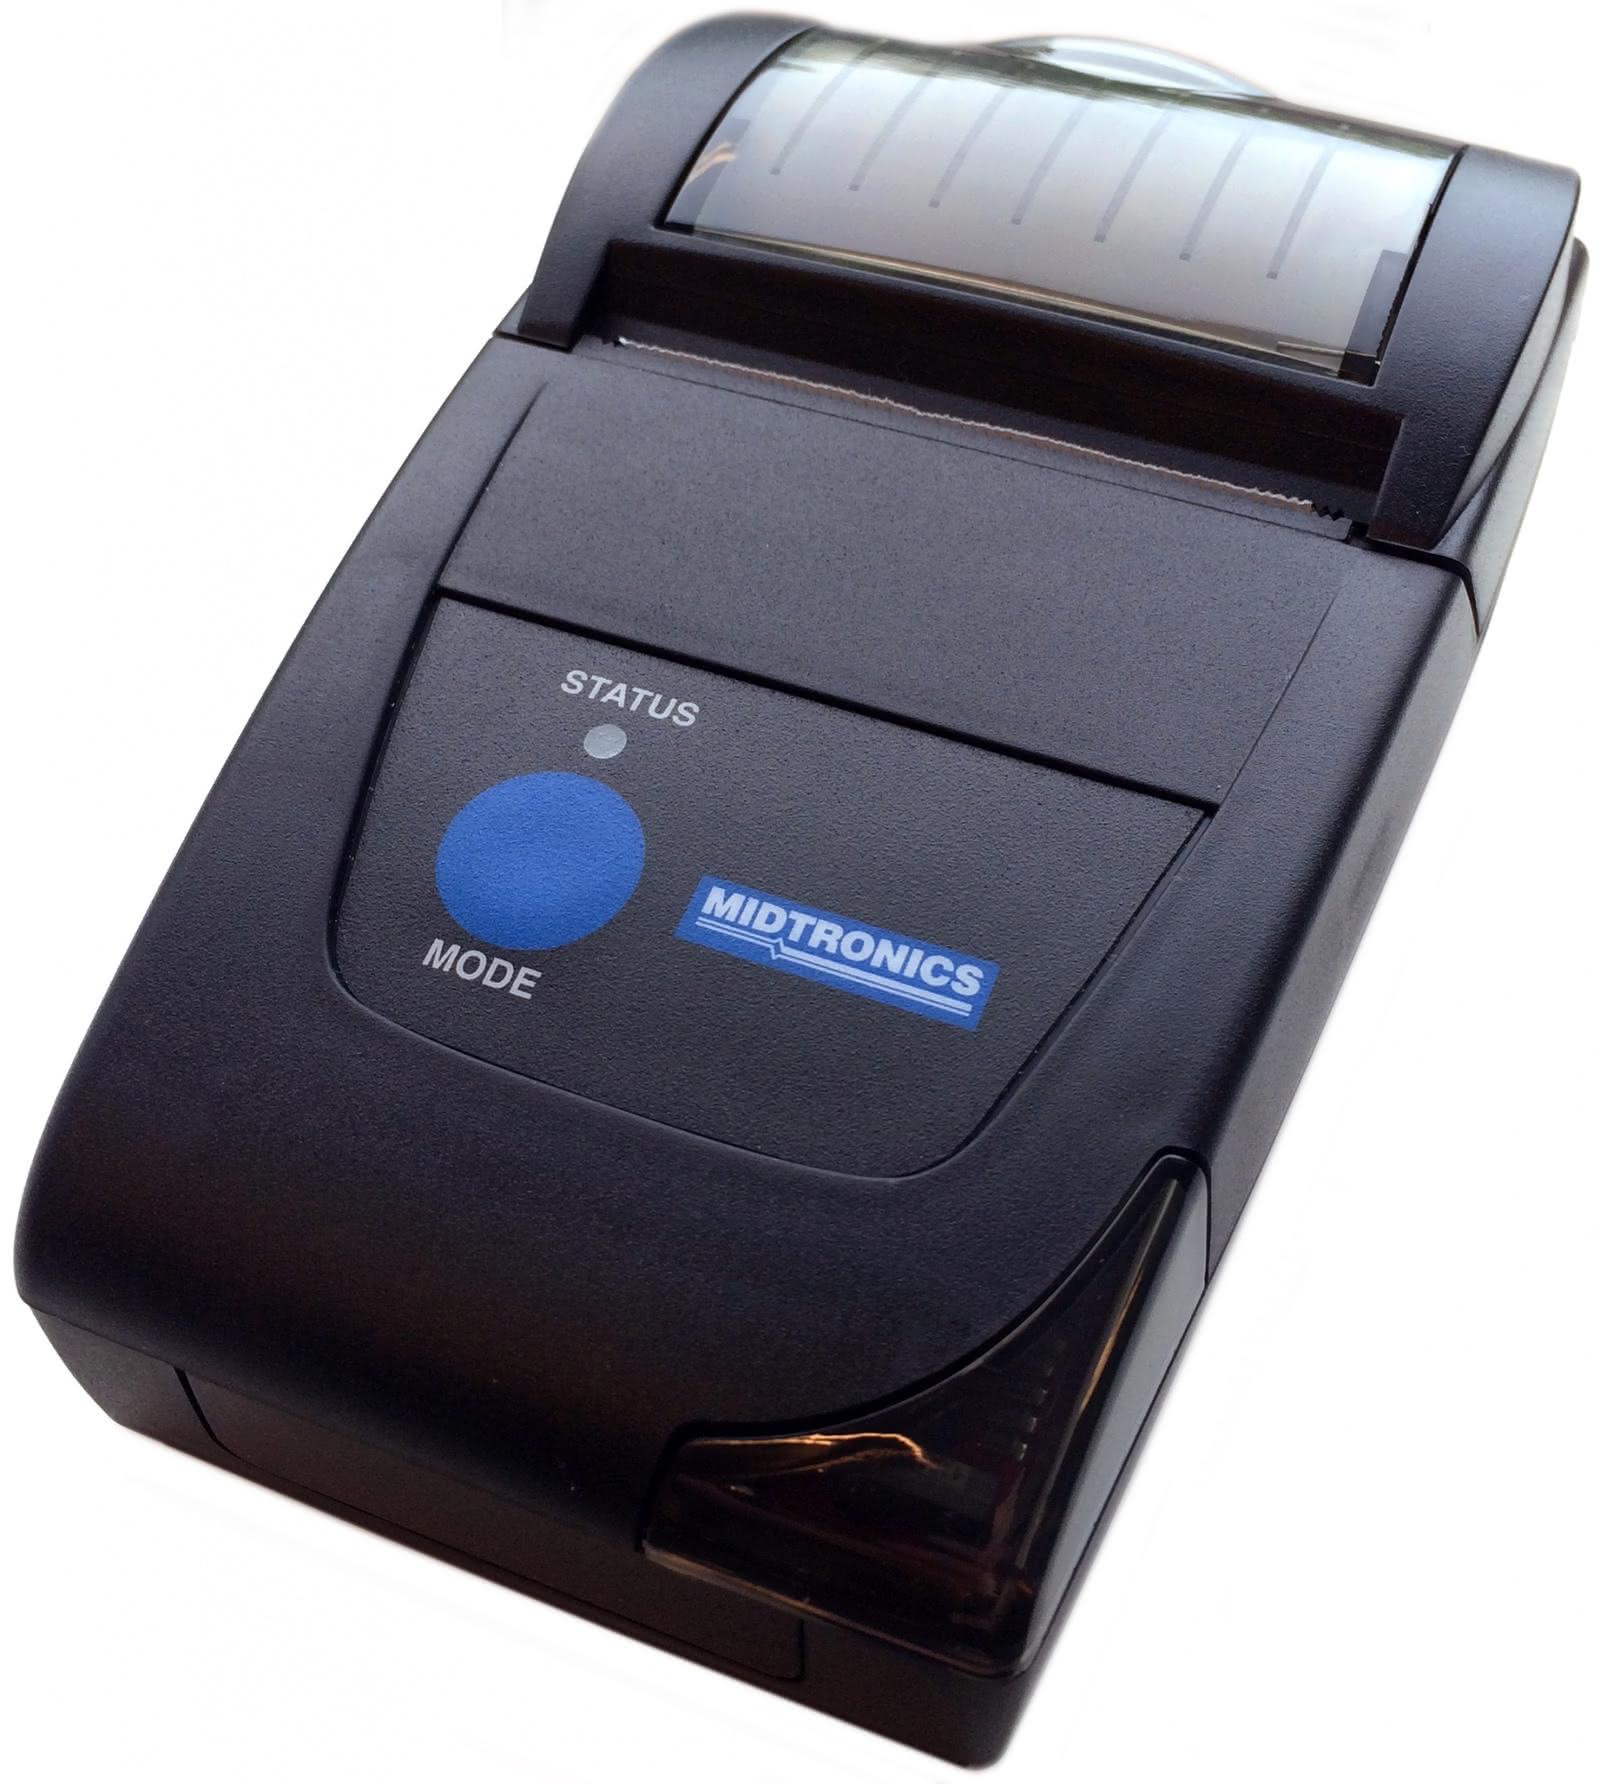 Midtronics A087 Printer